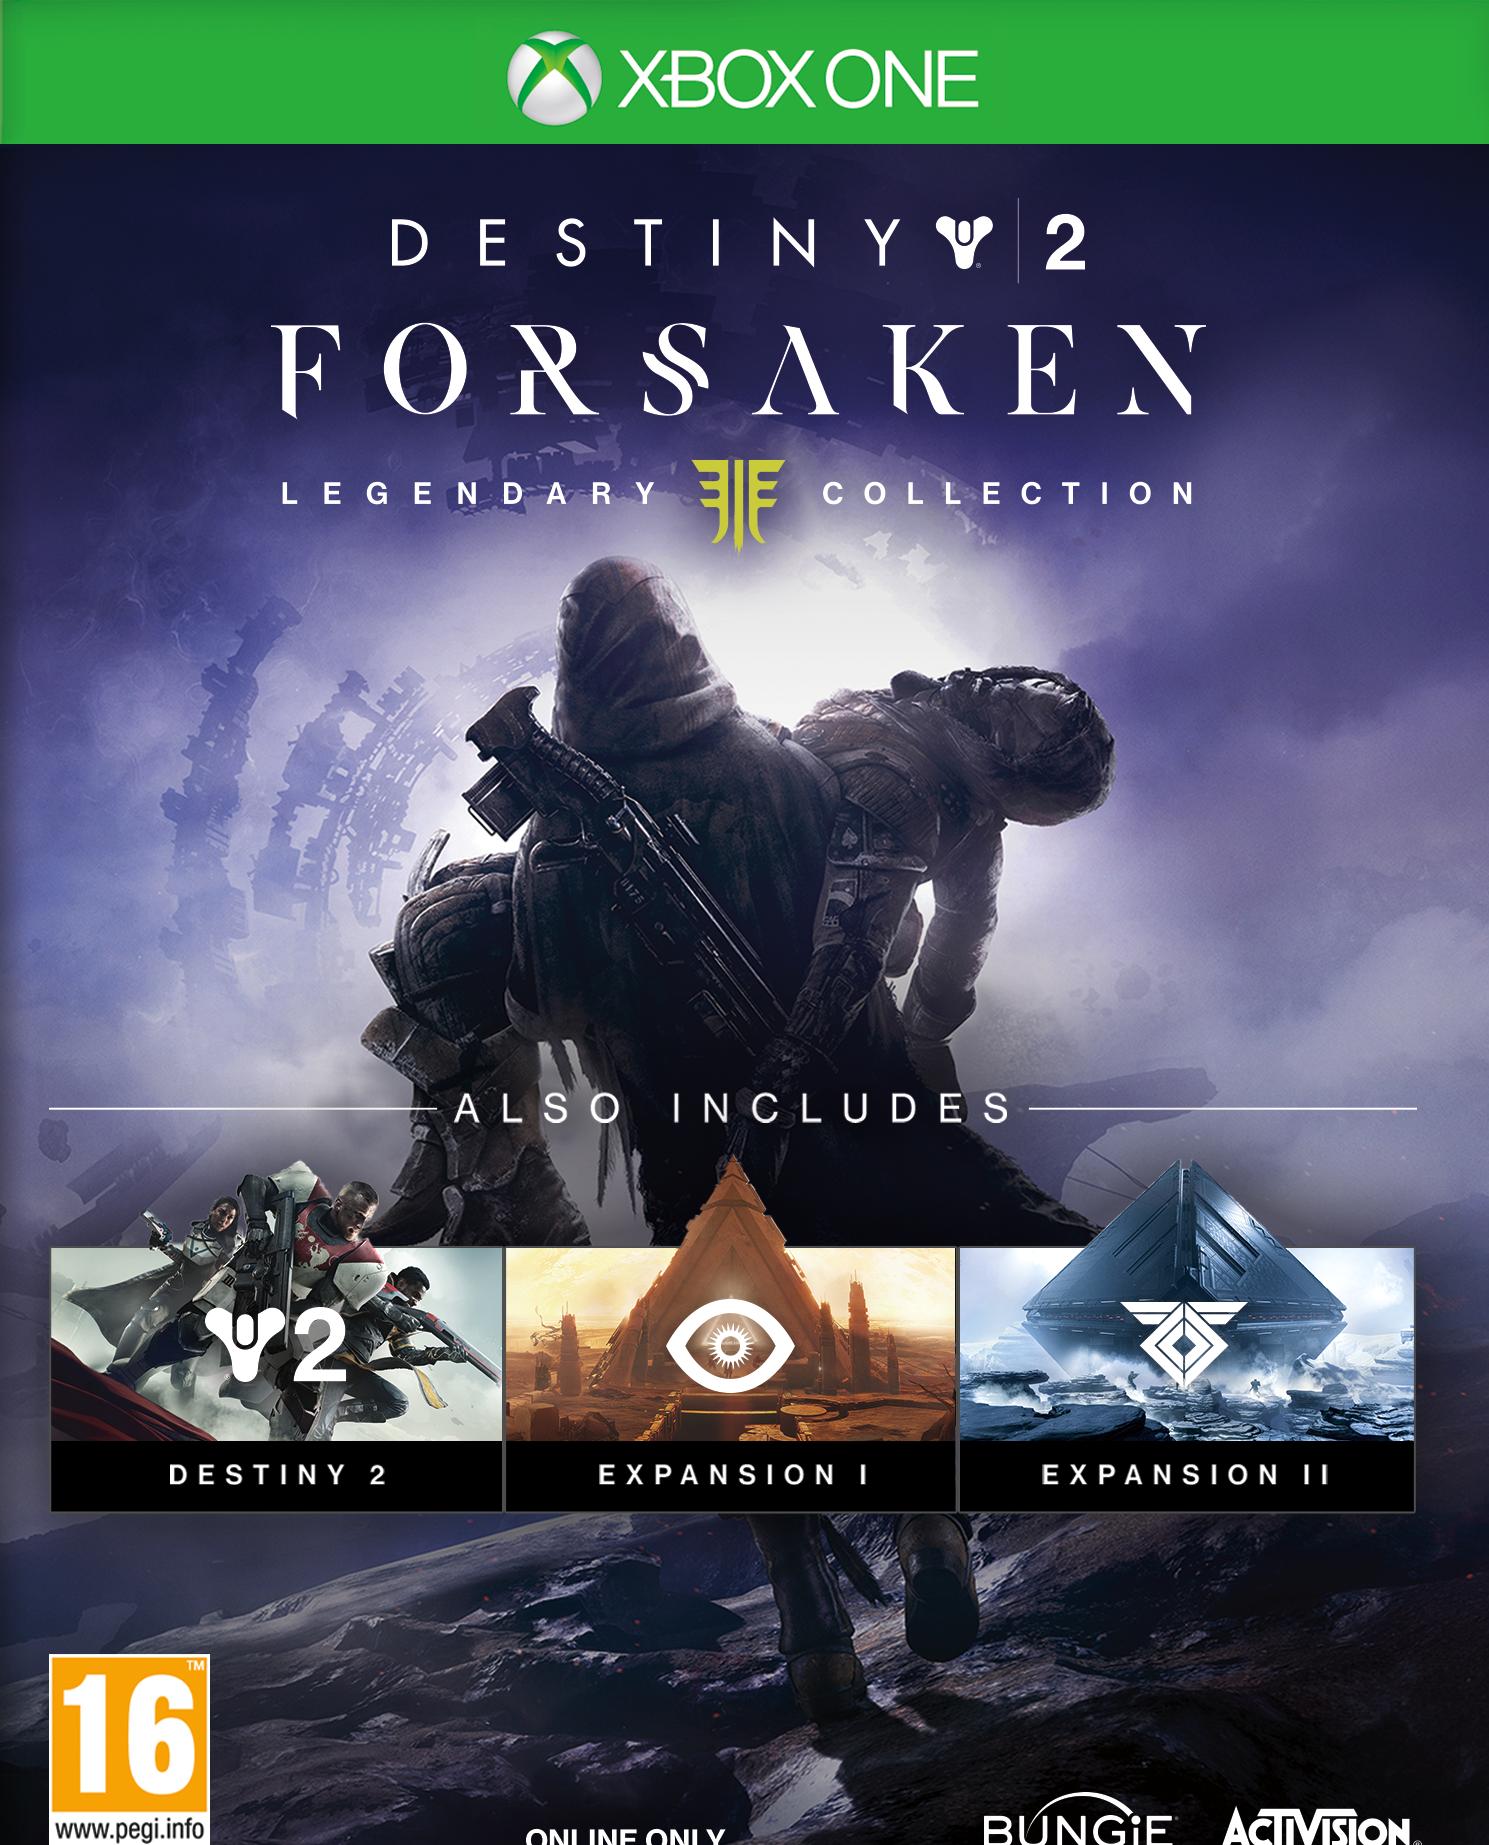 Destiny 2: Forsaken Legendary Collection (Xbox One) - 1